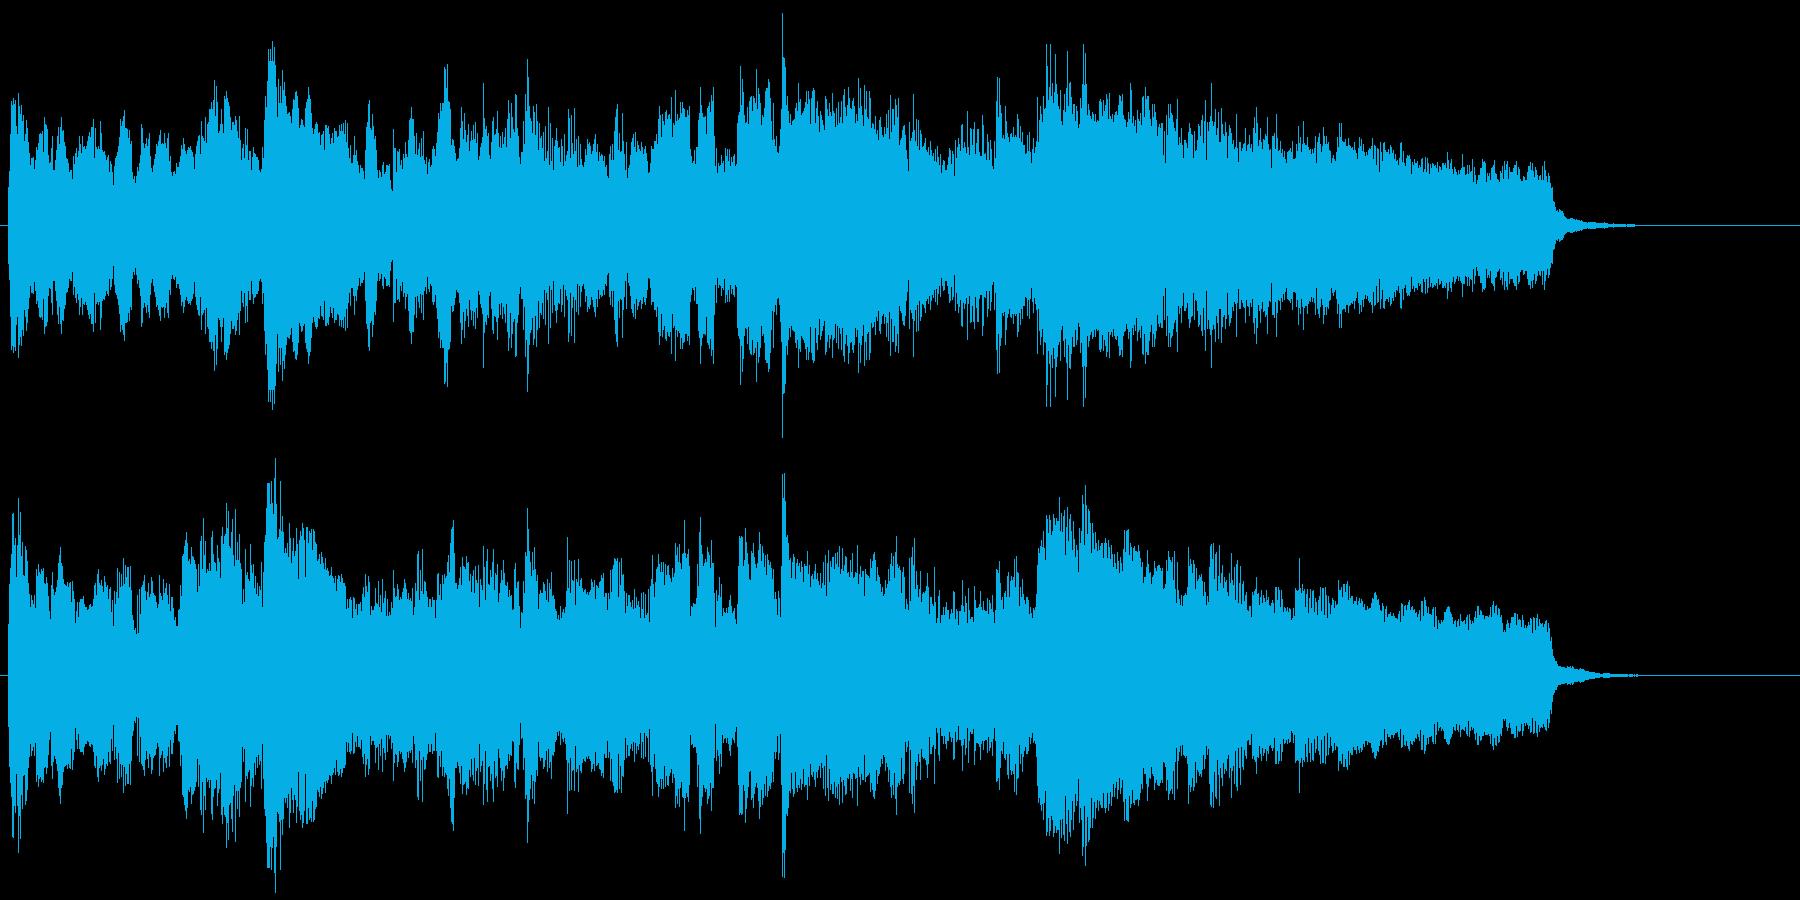 静かに勇ましい雰囲気のフルートジングルの再生済みの波形